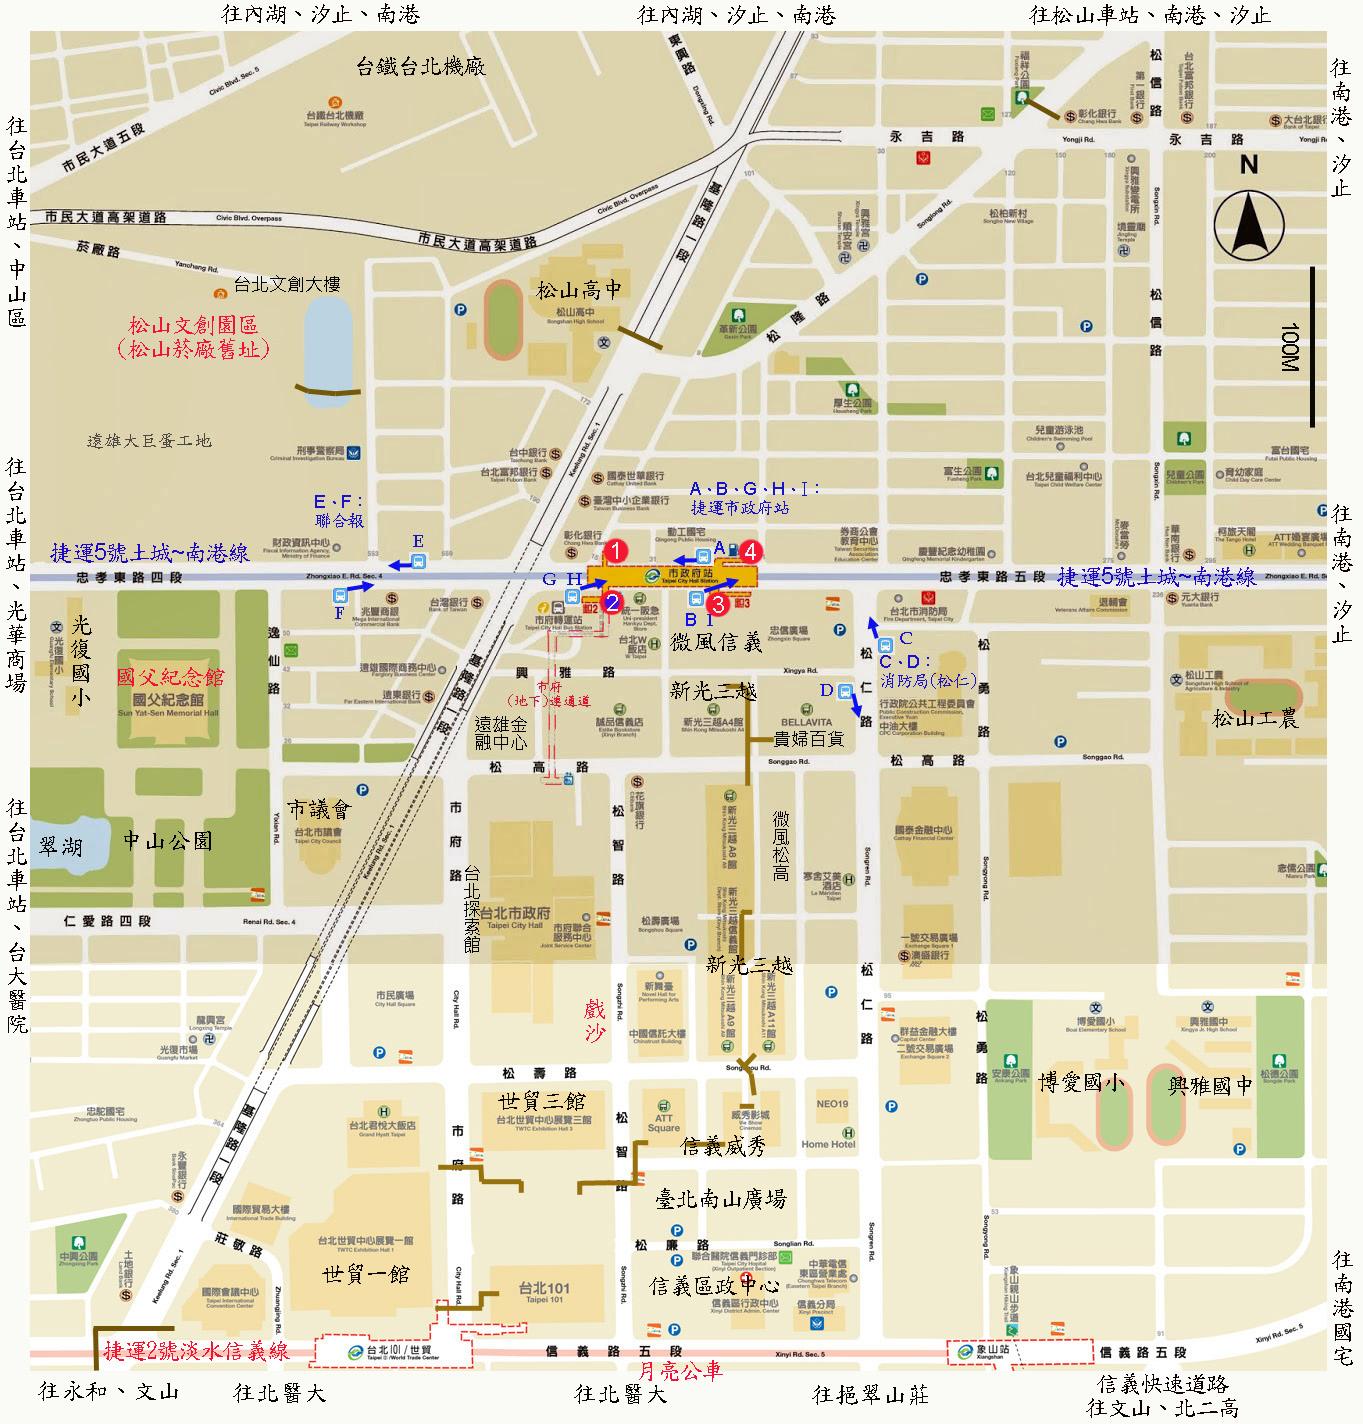 黃民彰的網站--Taiwan Taipei: 捷運市政府站與其周邊公車、客運資訊